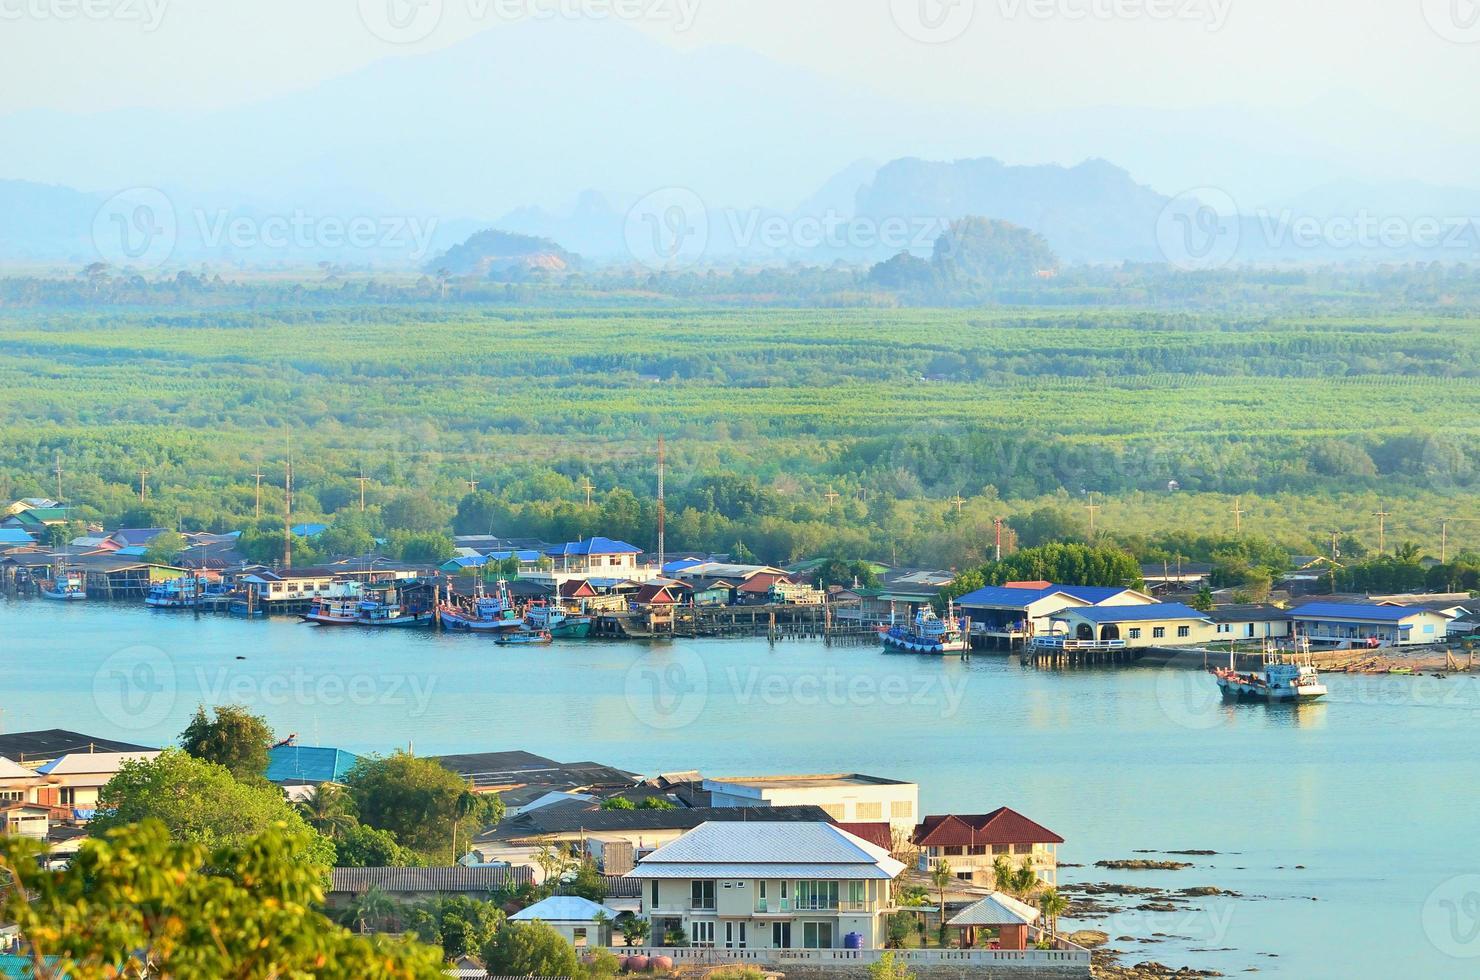 utsiktspunkt surat thani på kullen, Thailand foto